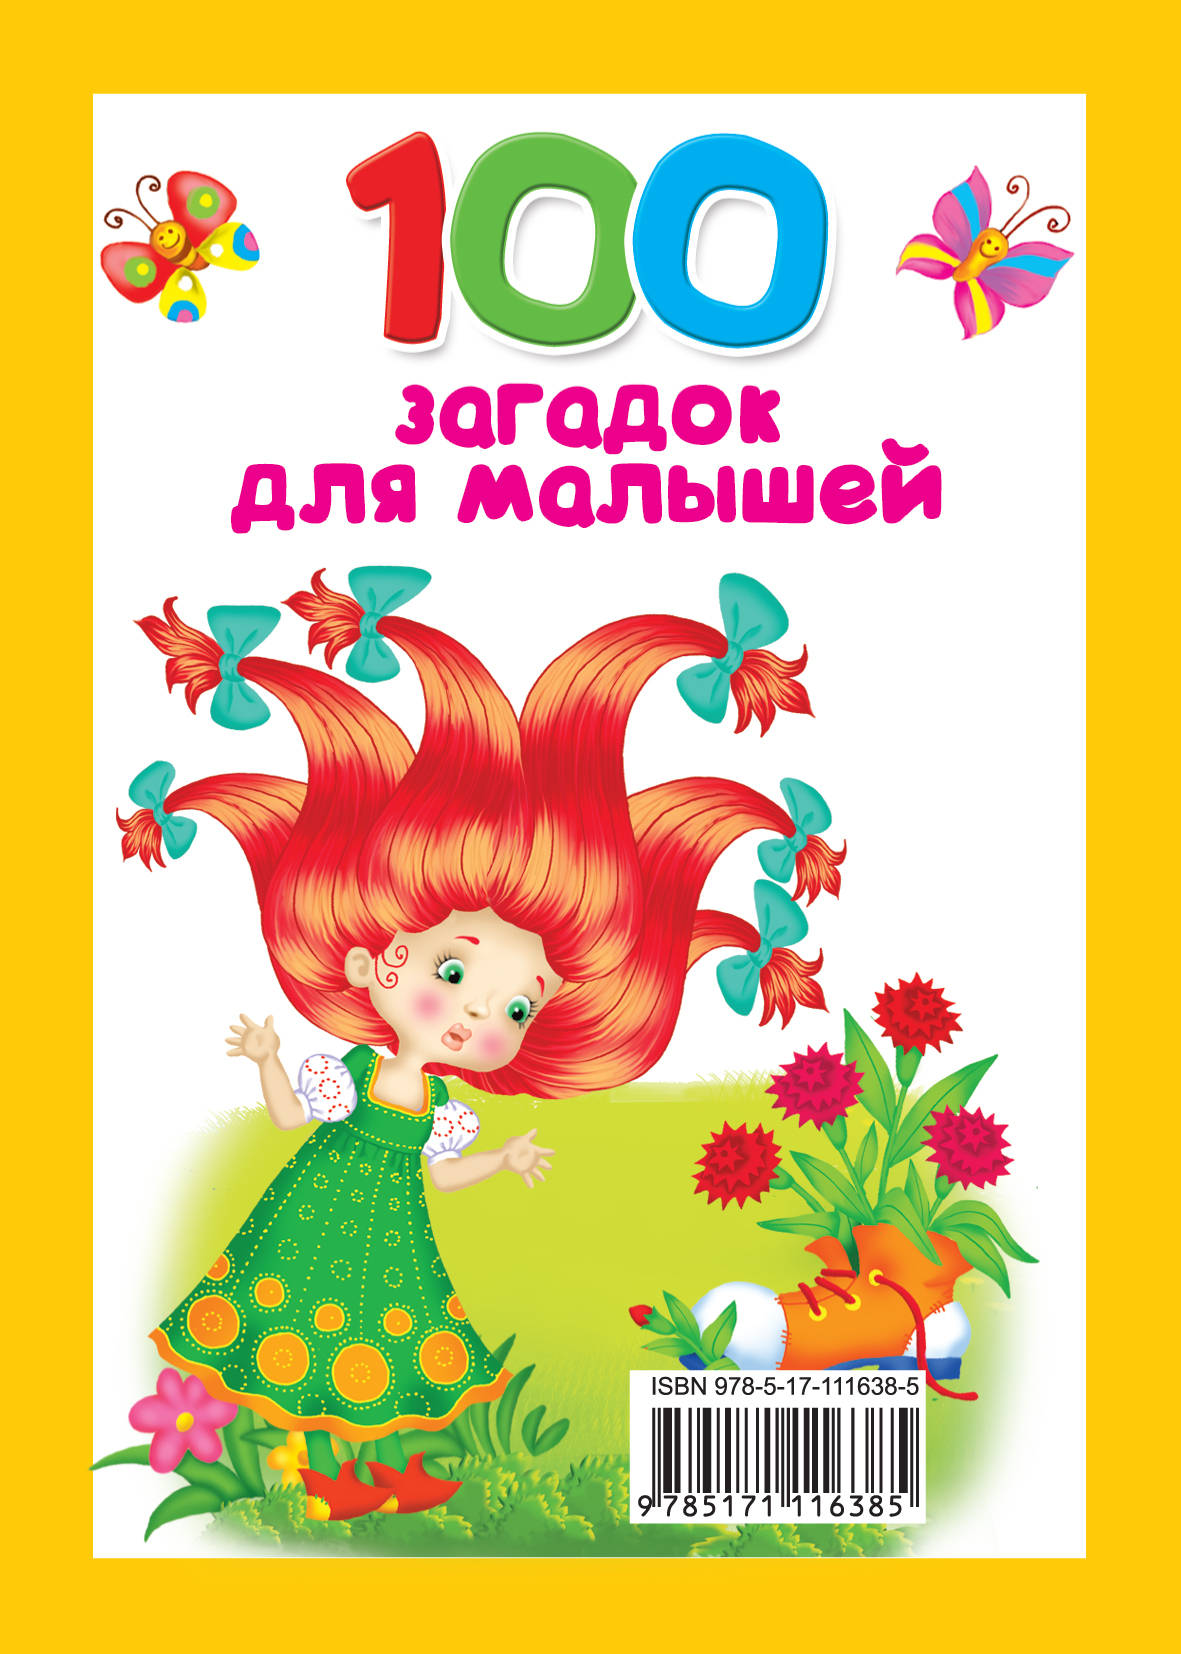 Оксана Сергеева. Загадки про Россию для детей